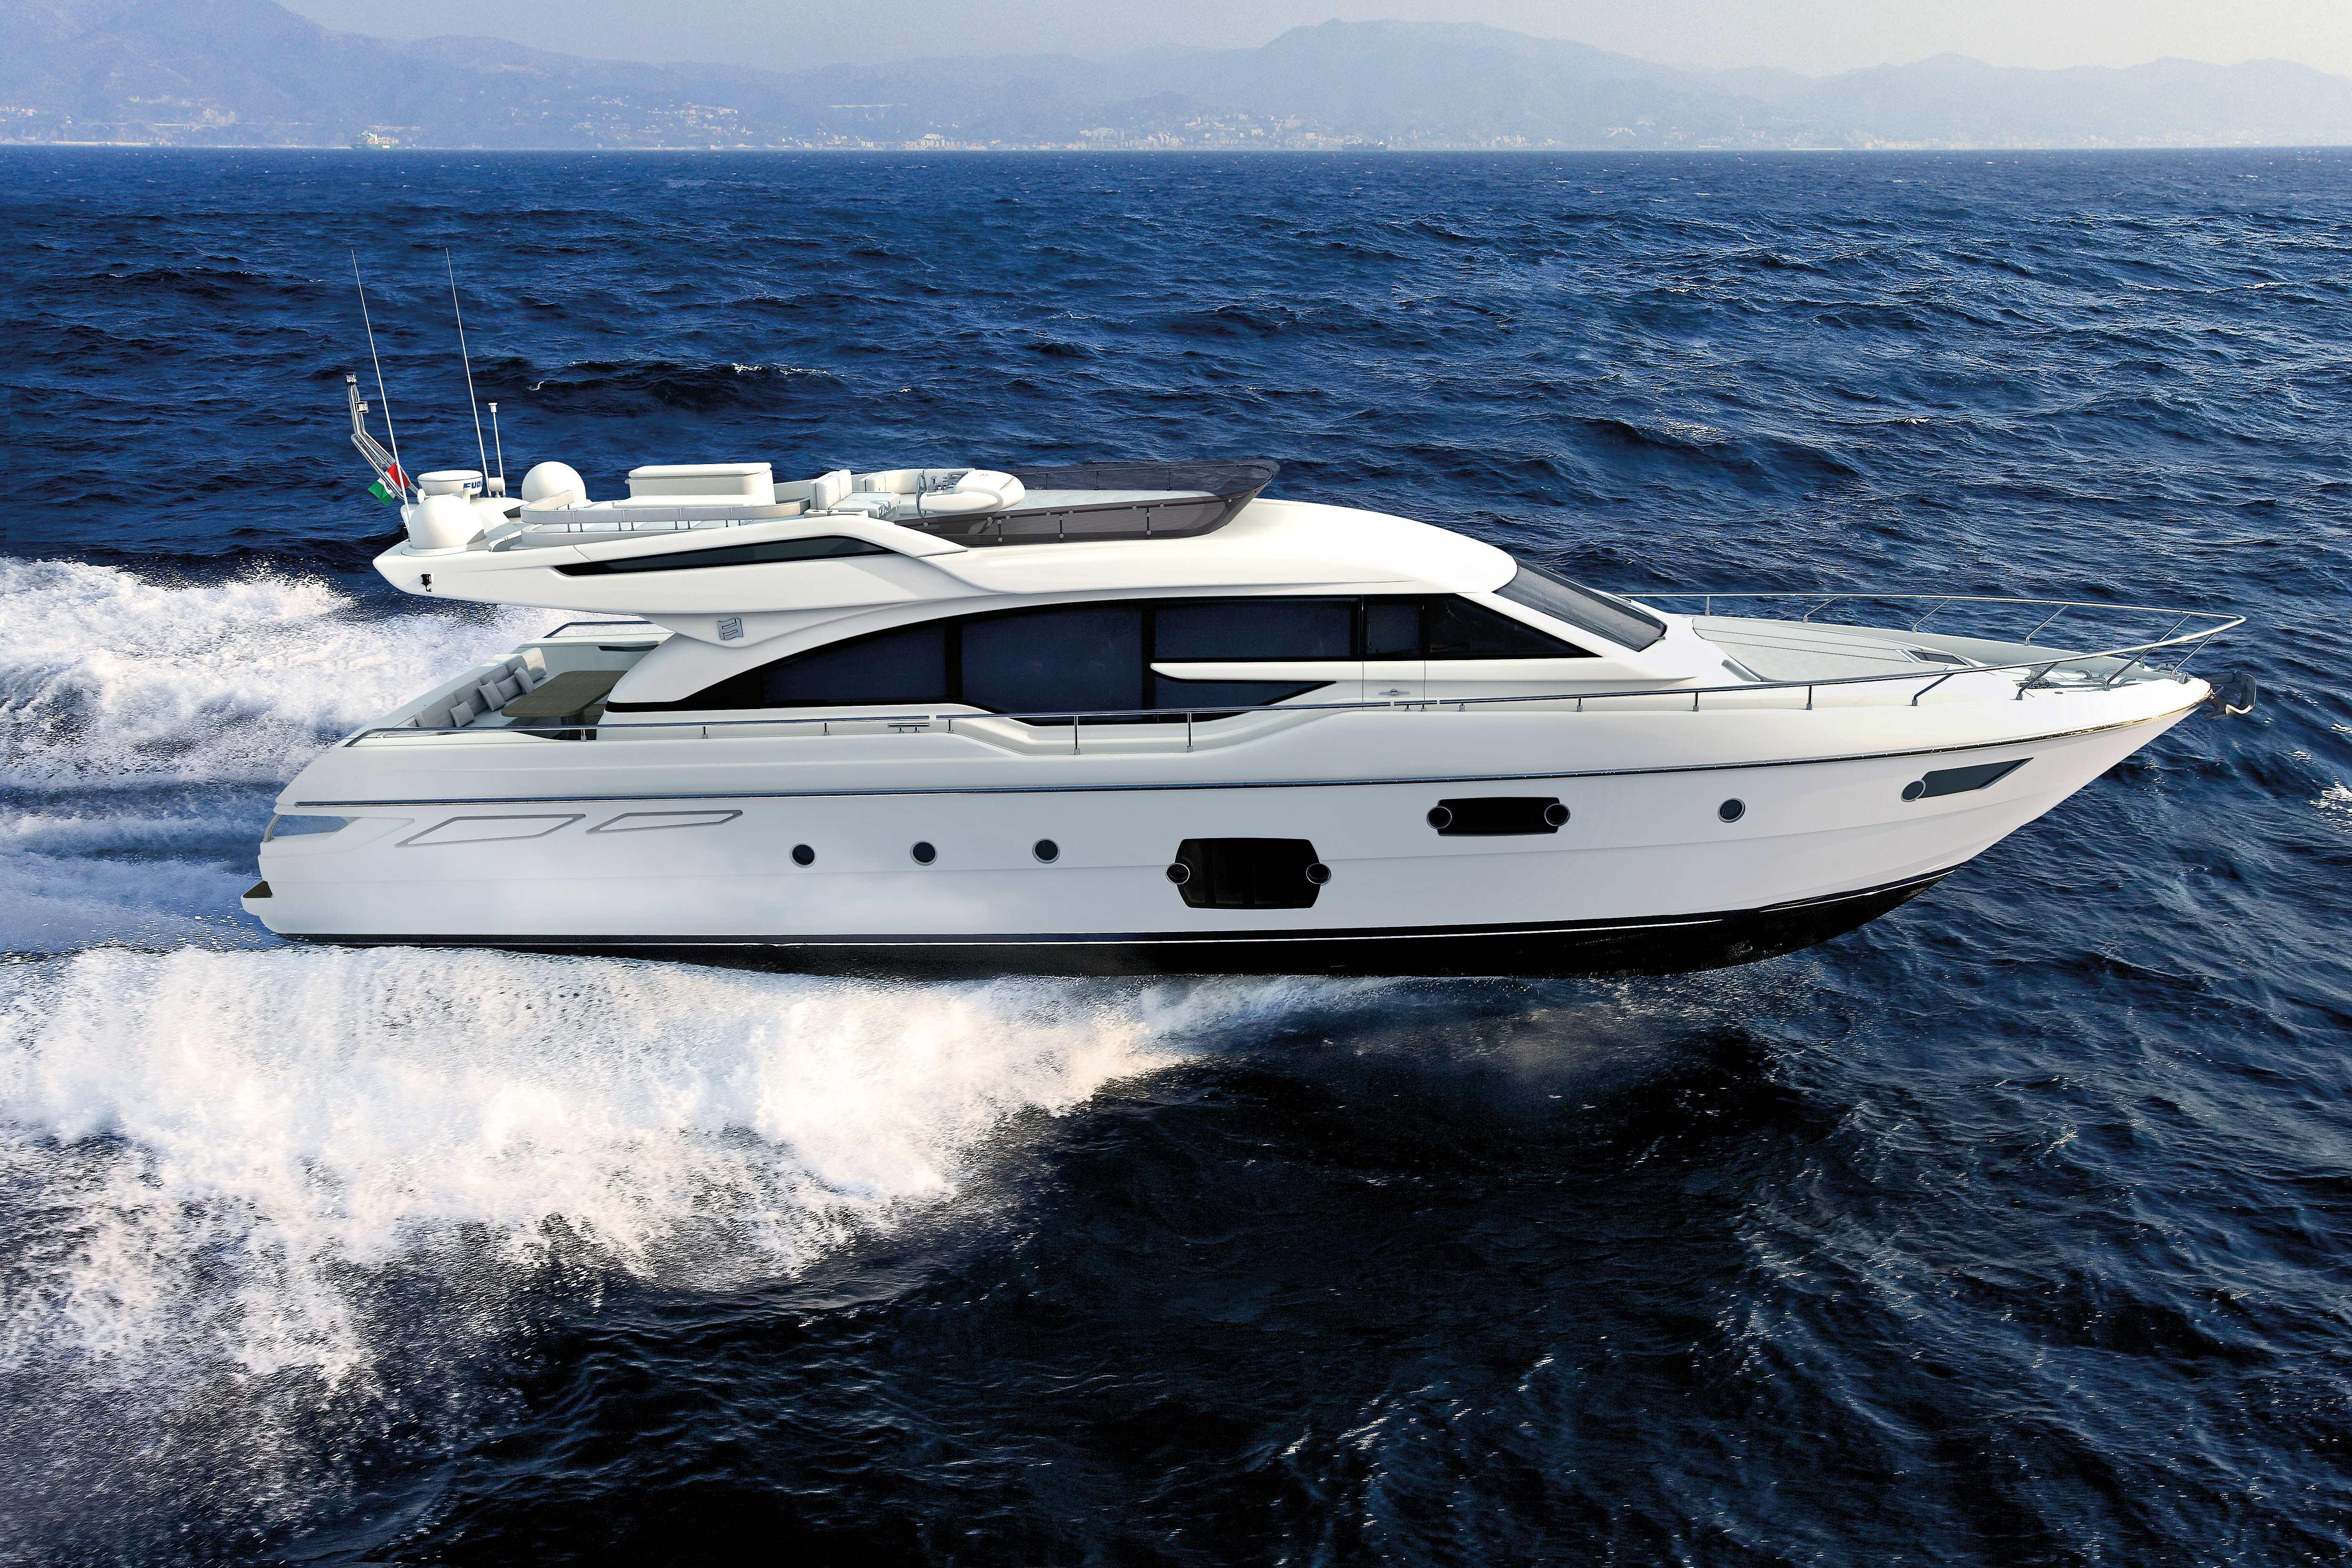 Ferretti-690-Yacht-Credit-Ferretti-Yachts